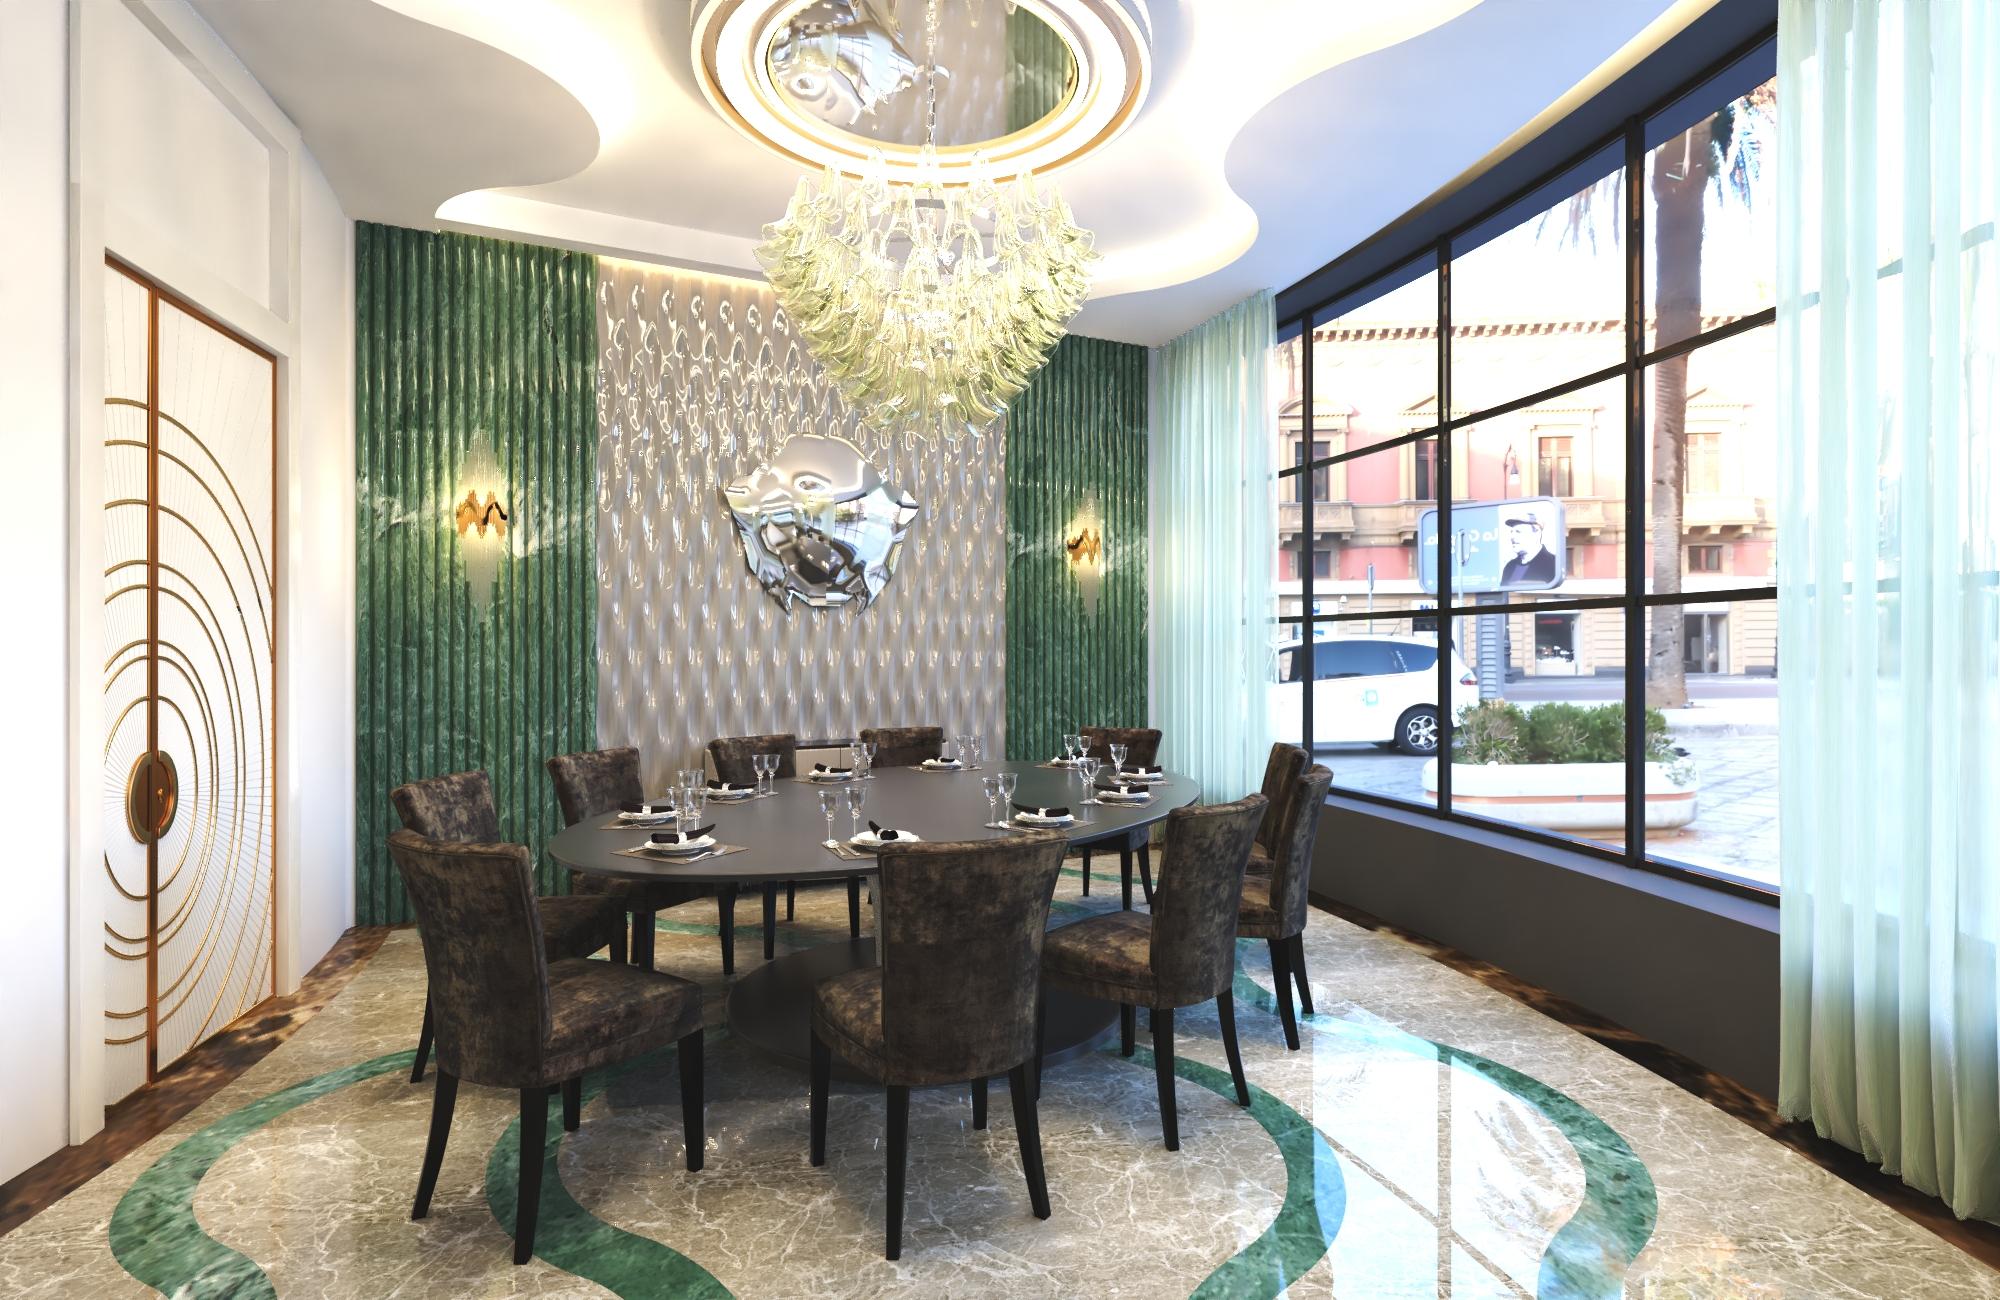 Thiết kế nội thất Nhà Hàng tại Hồ Chí Minh NHÀ HÀNG HẢI SẢN CRABSEA 1595741110 5